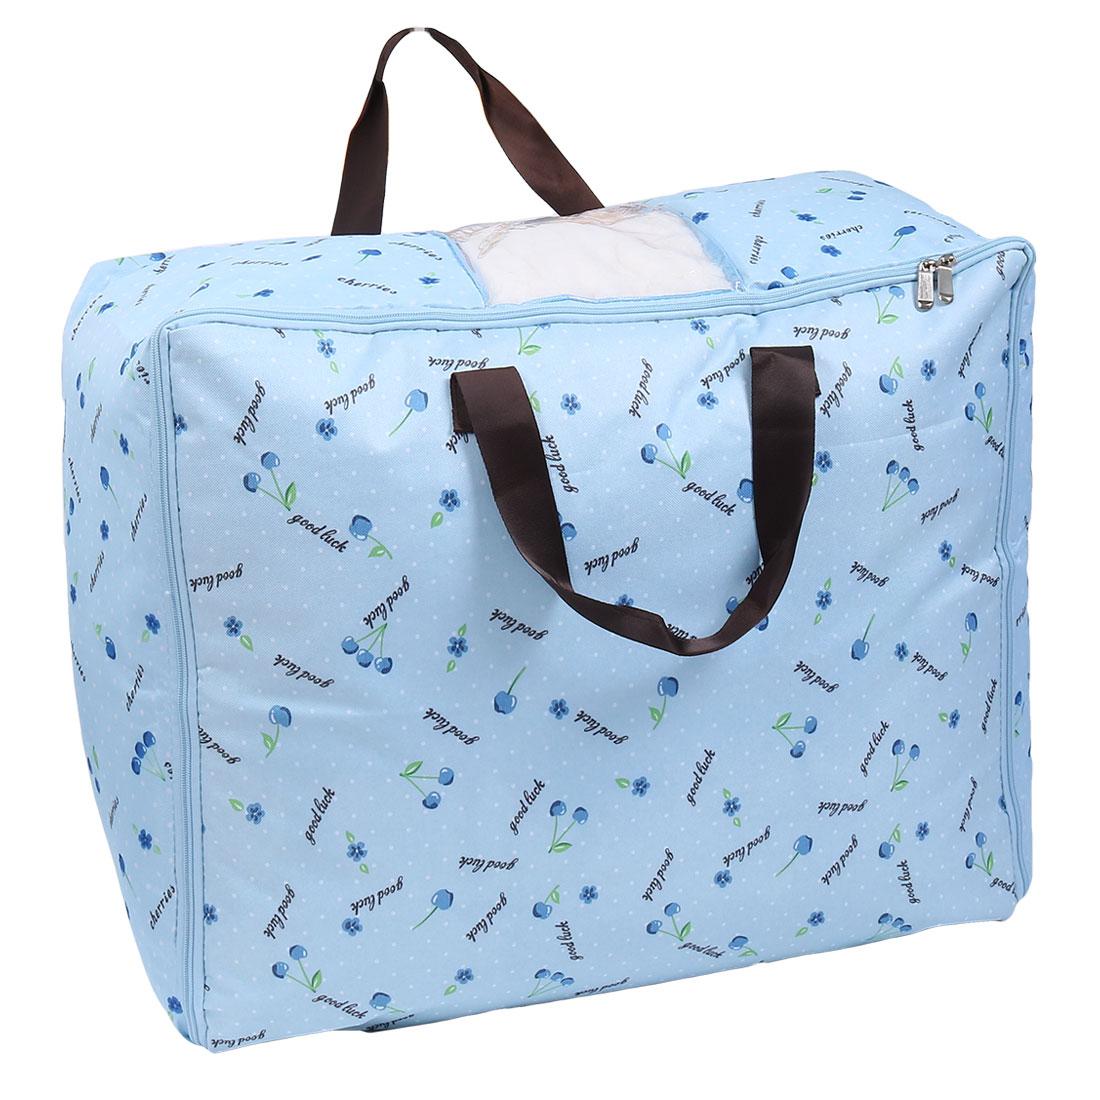 Floral Pattern Bed Sheets Quilt Duvet Storage Bag Container Blue 70cm x 50cm